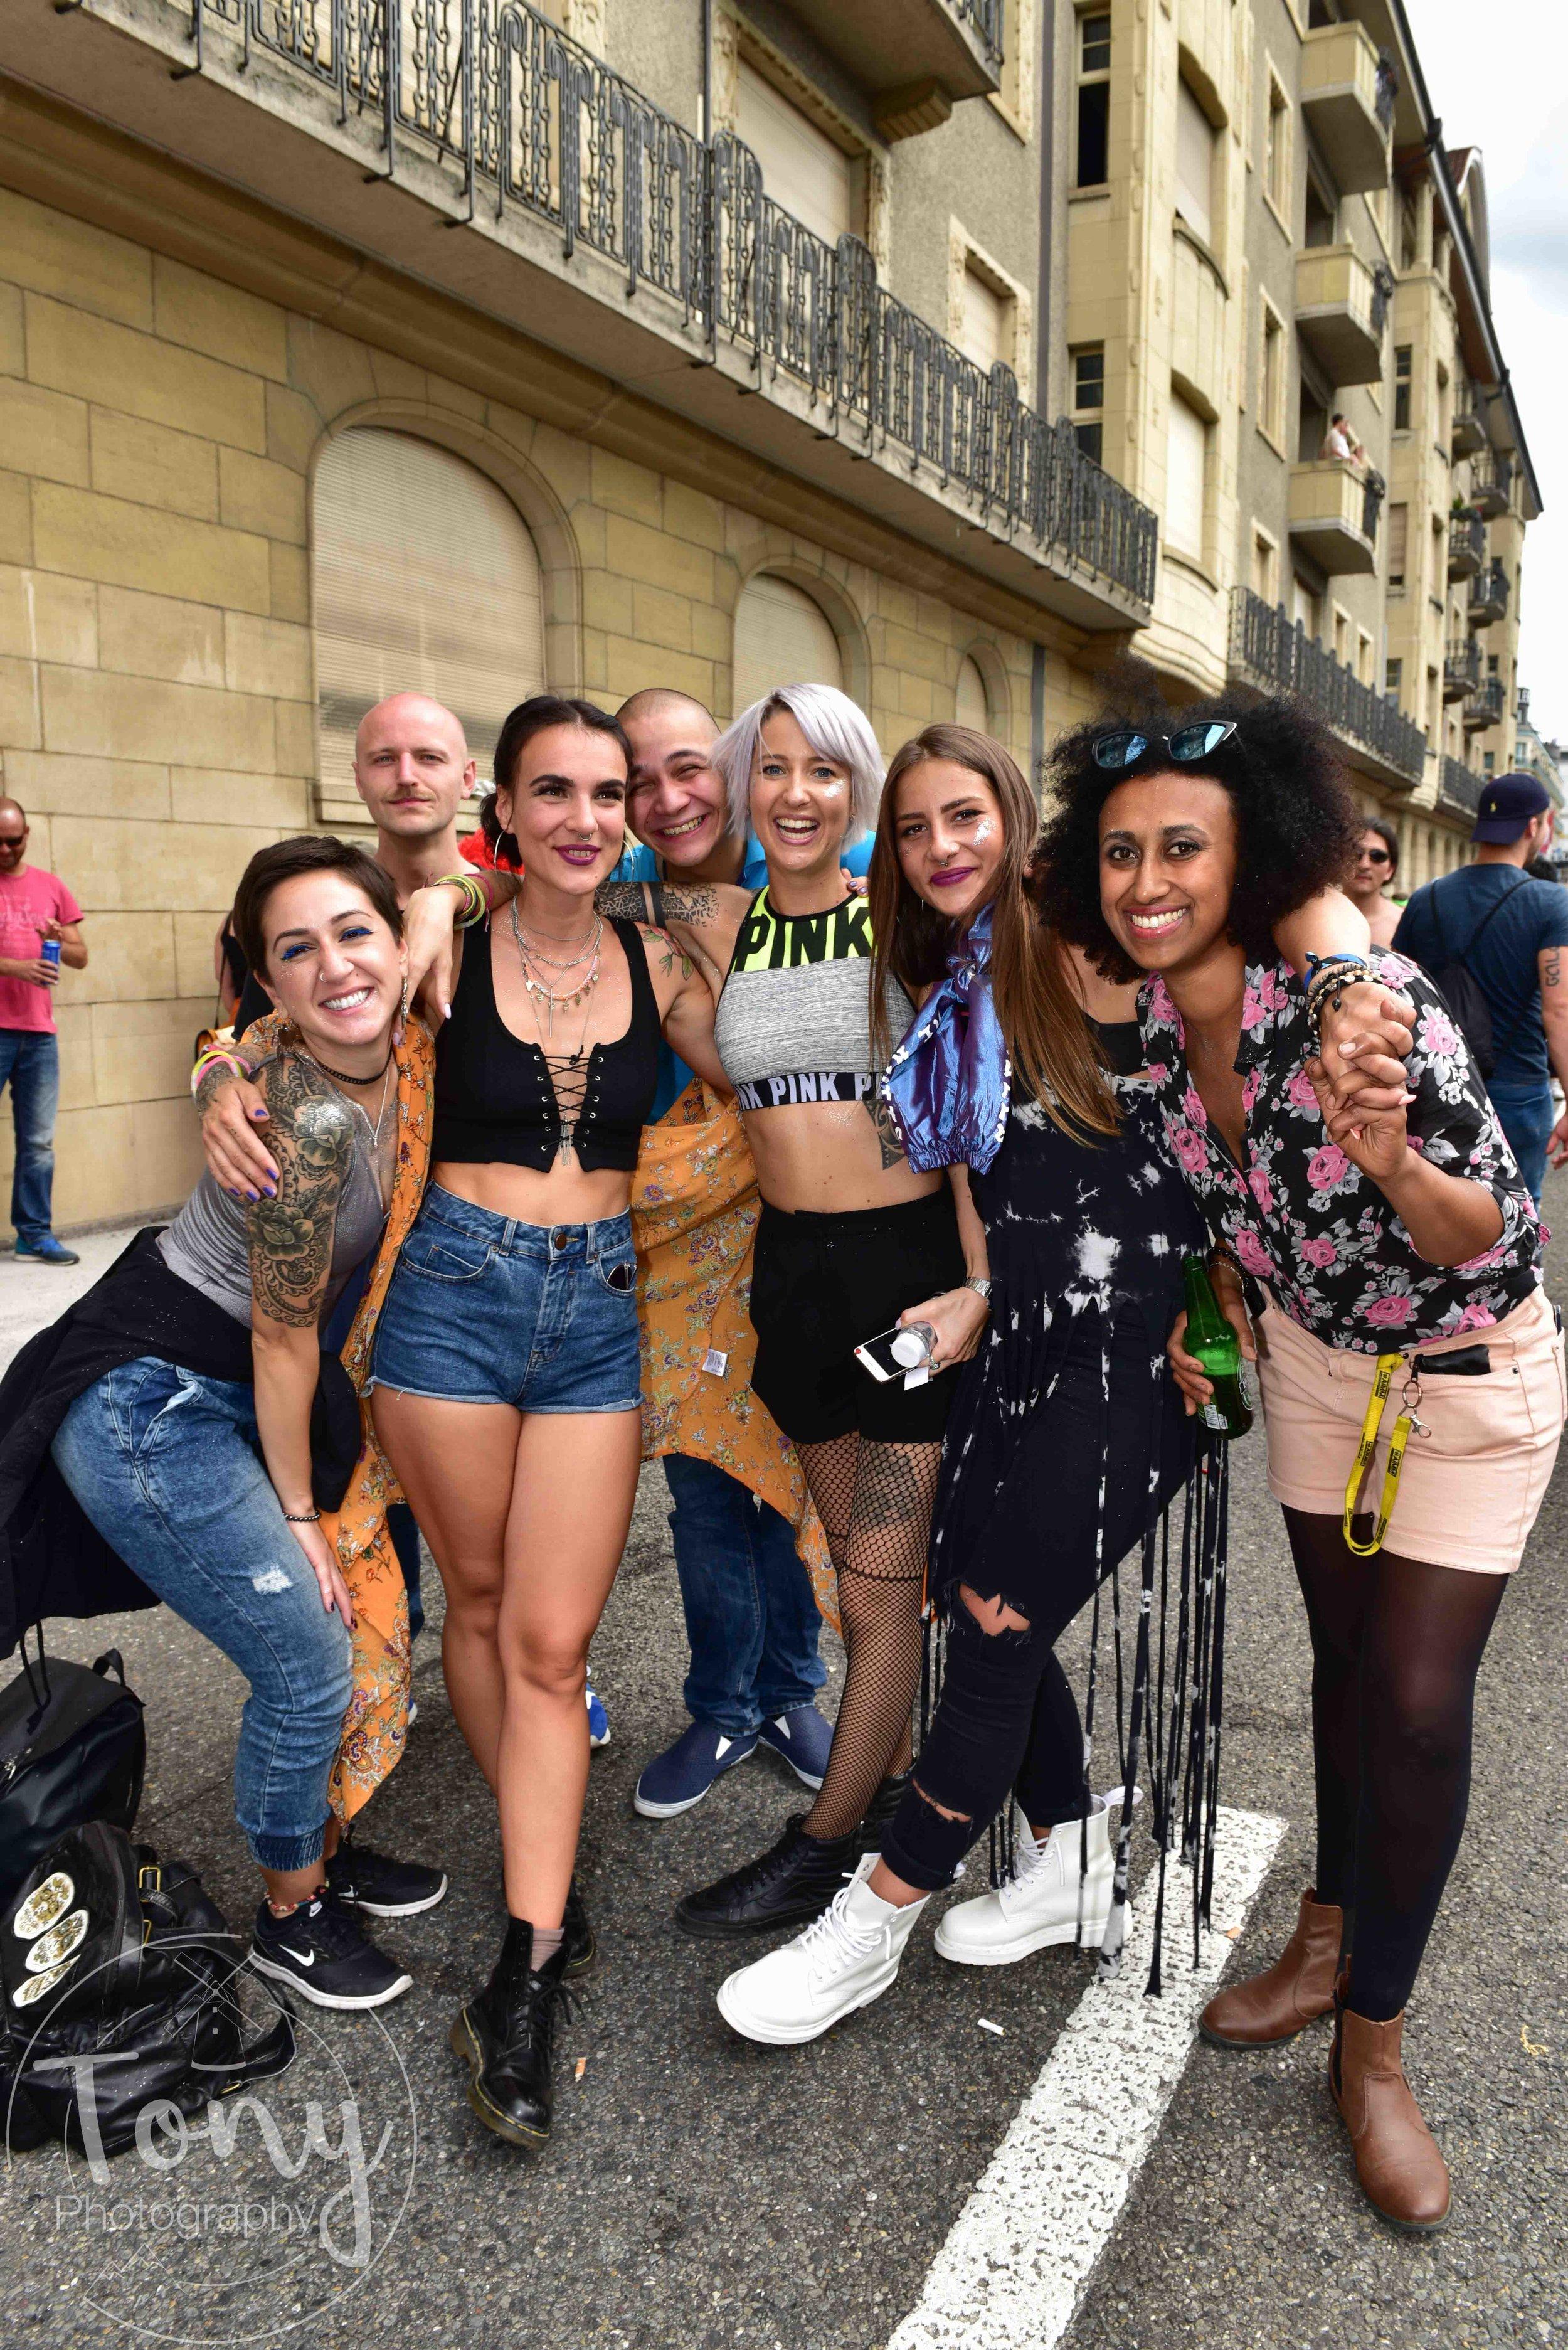 streetparade-104.jpg